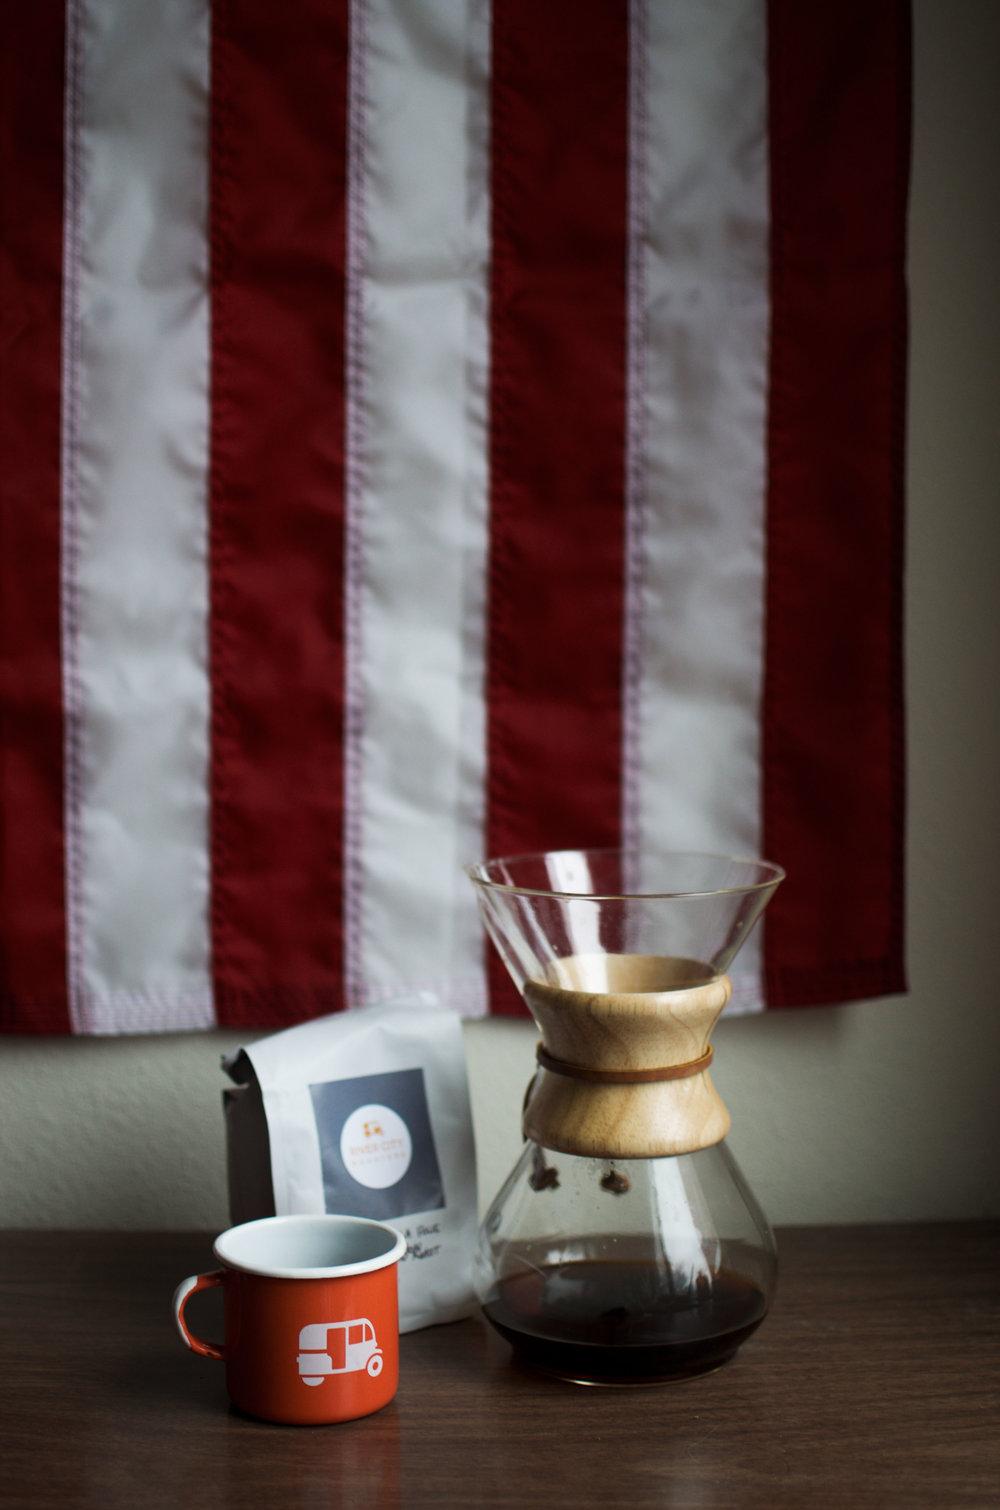 Wendling_Boyd_River_City_Roasters_Coffee.jpg